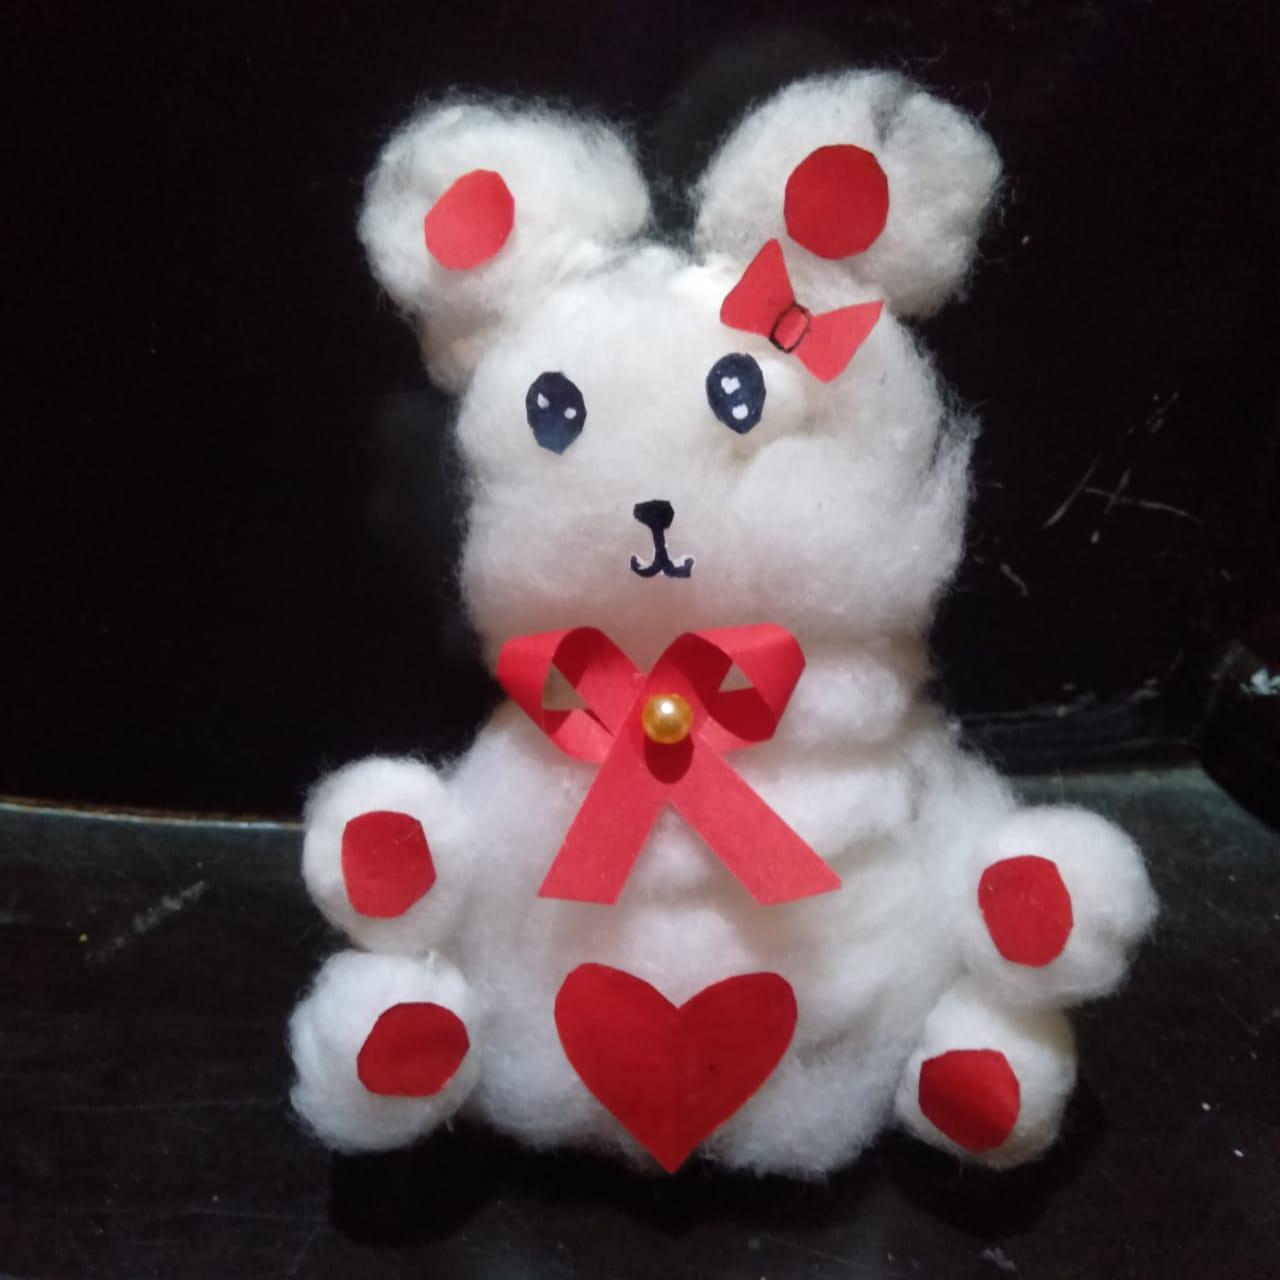 Dua's Cotton Teddy Bear